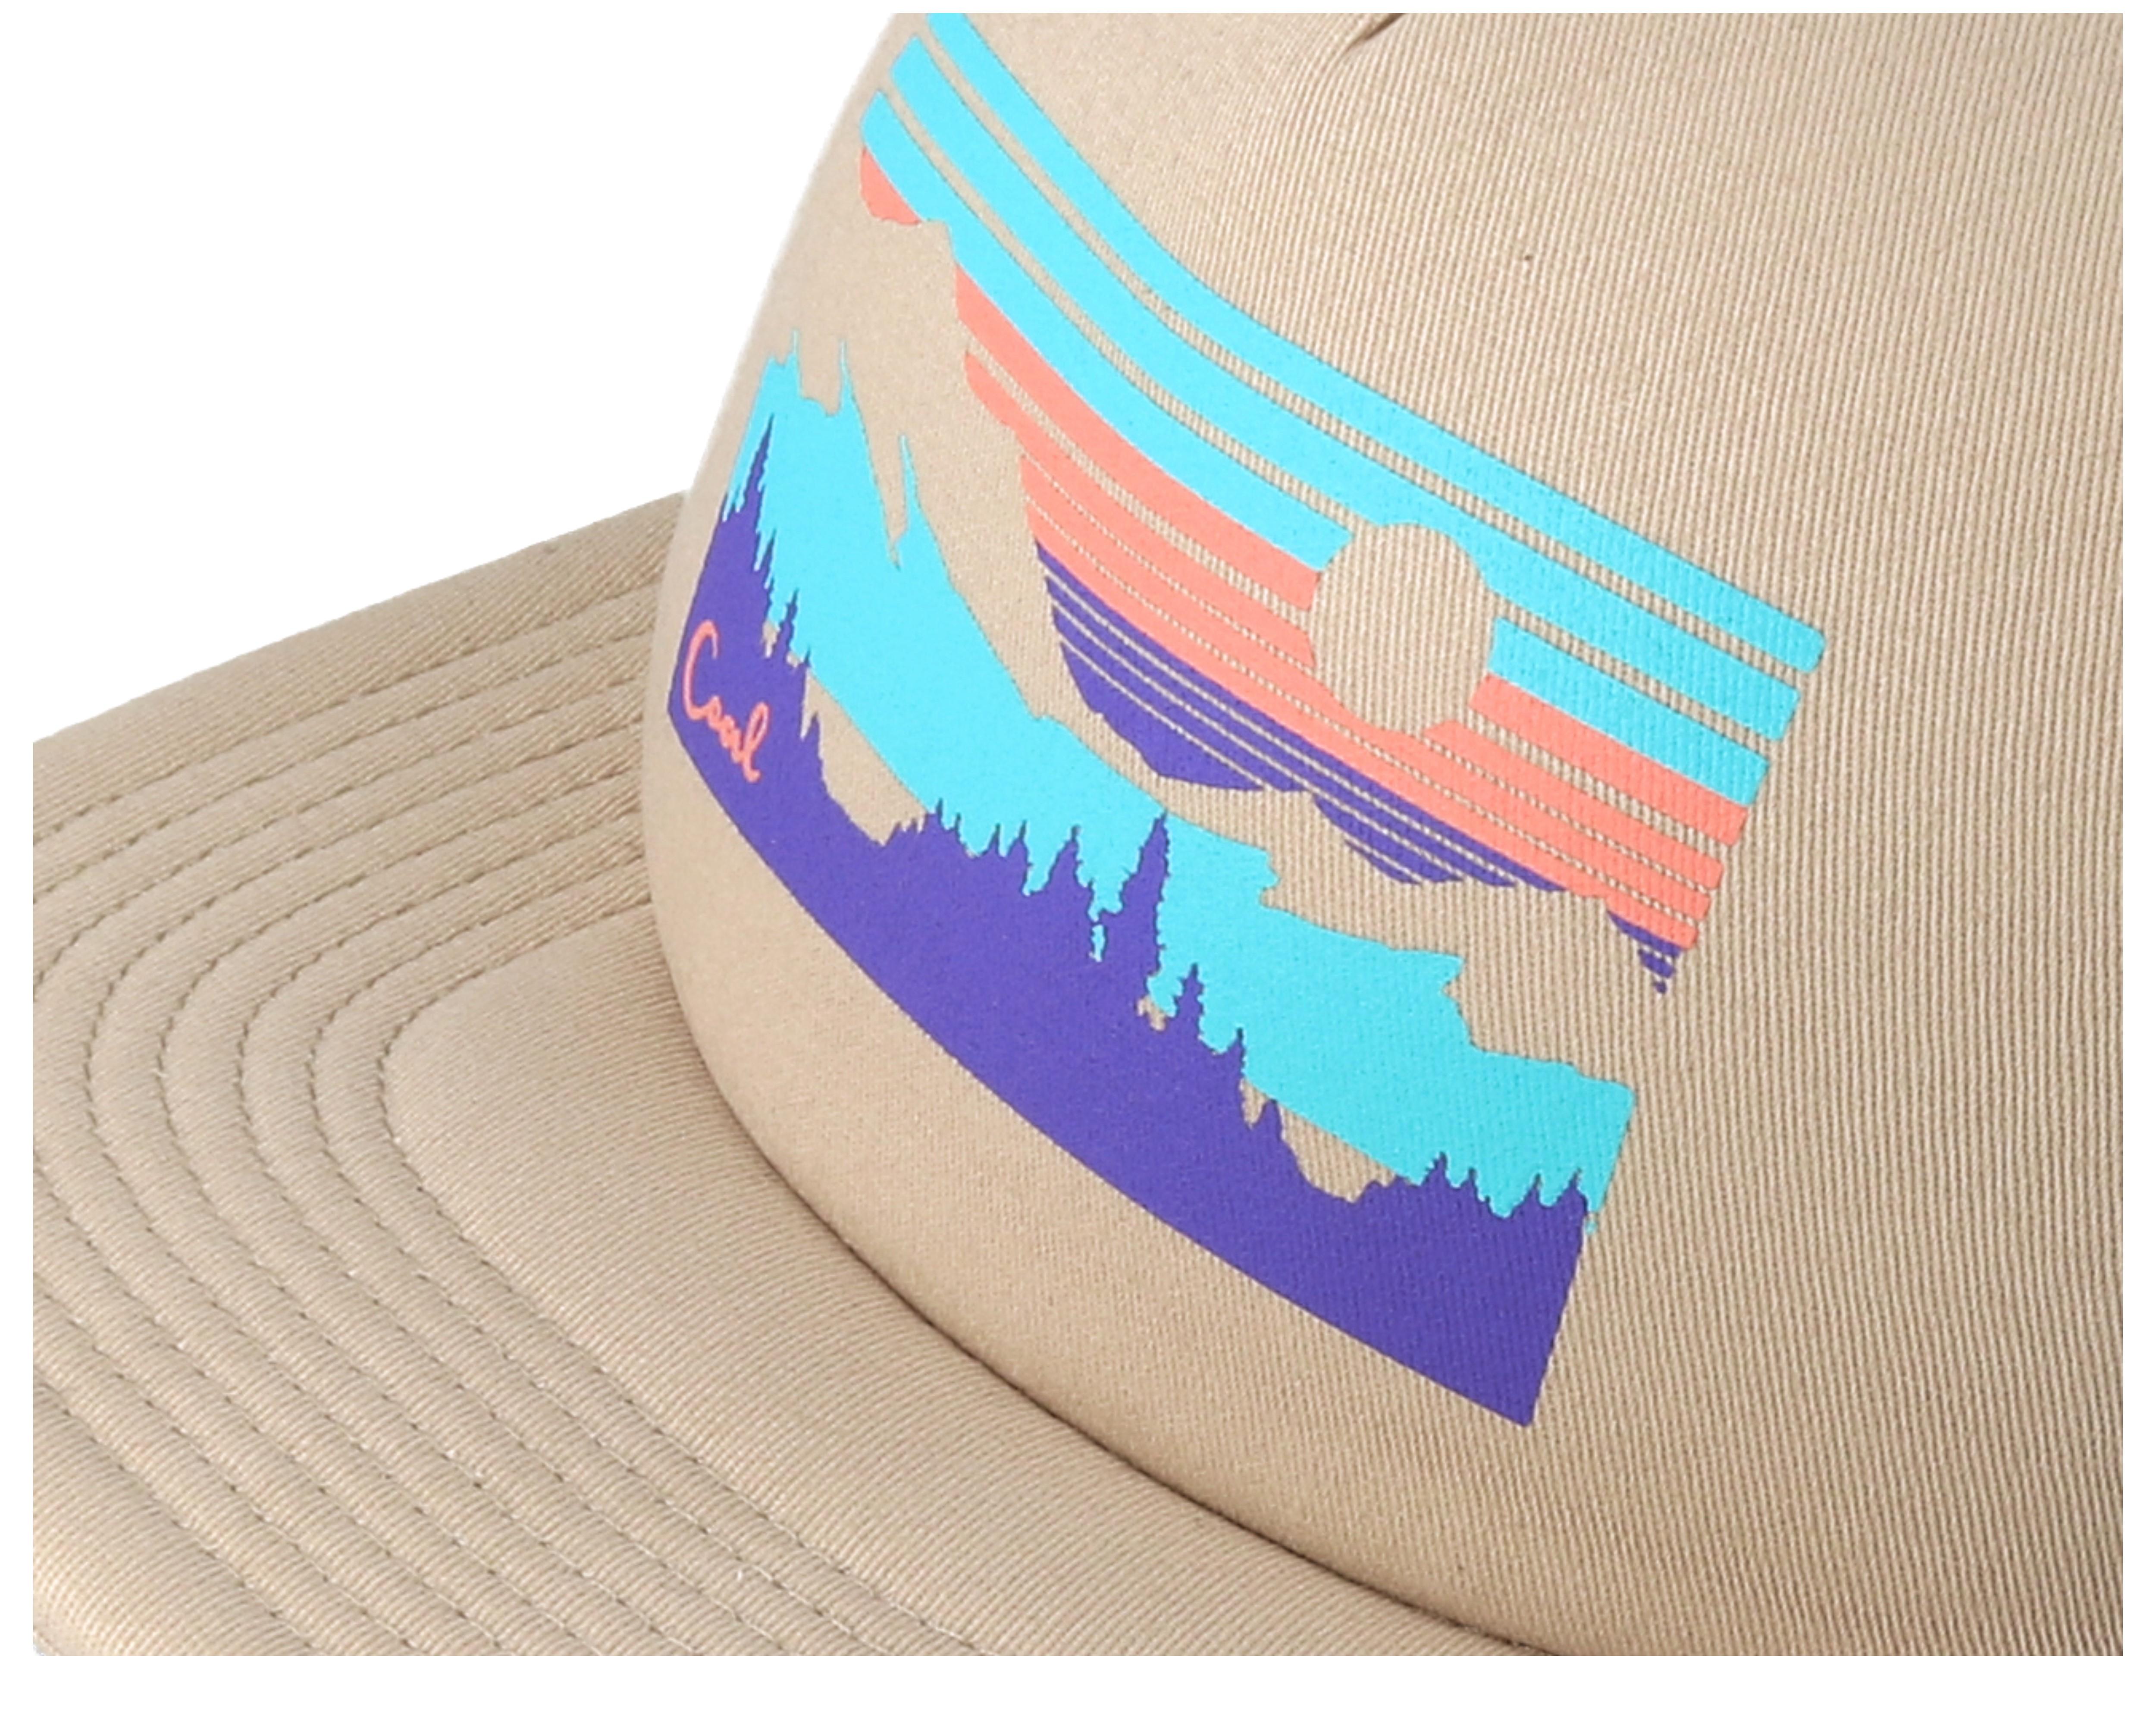 Citaten Seneca Fakta : Seneca khaki trucker coal keps hatstore